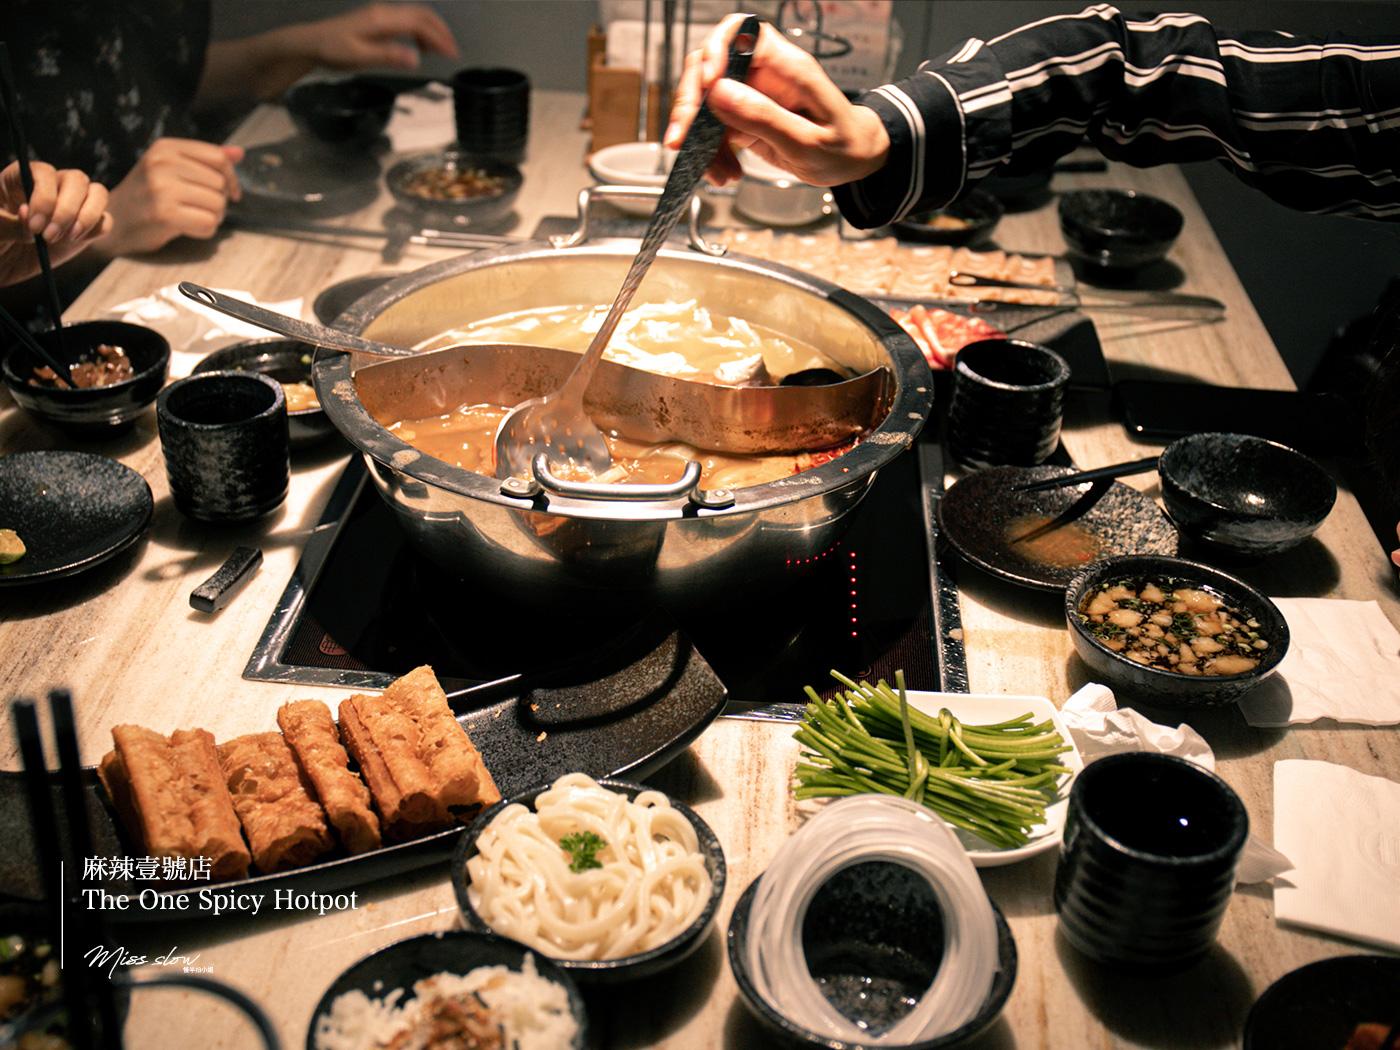 麻辣一號店湯底-用餐吃飯畫面